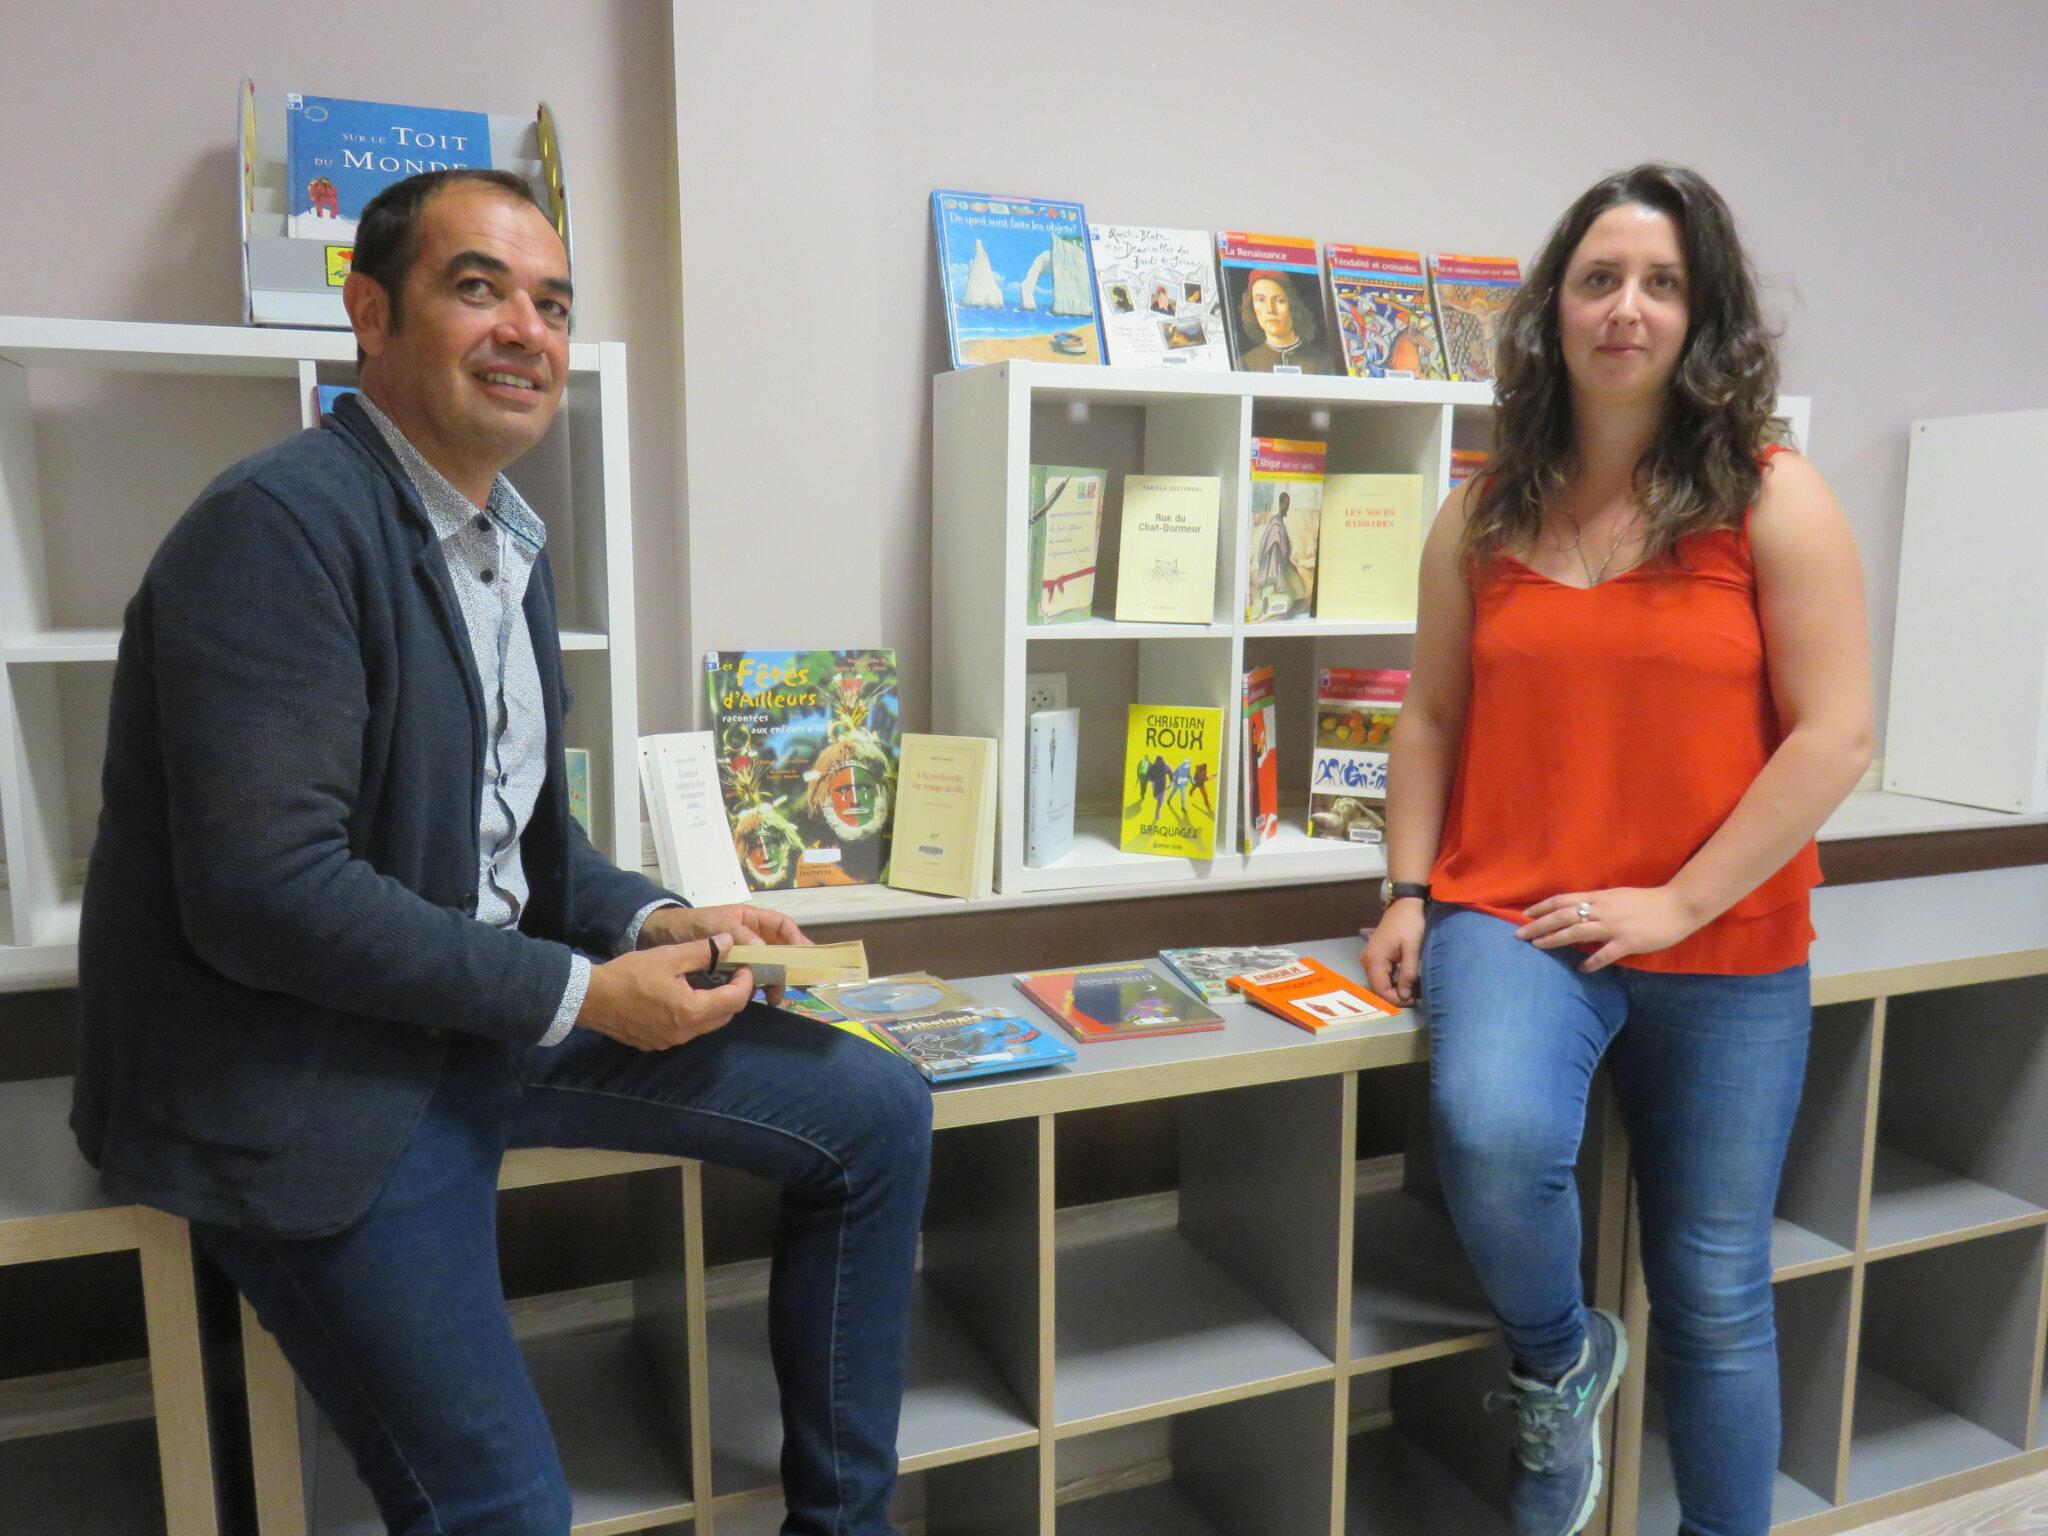 Agrandissement pour la librairie solidaire des Mureaux